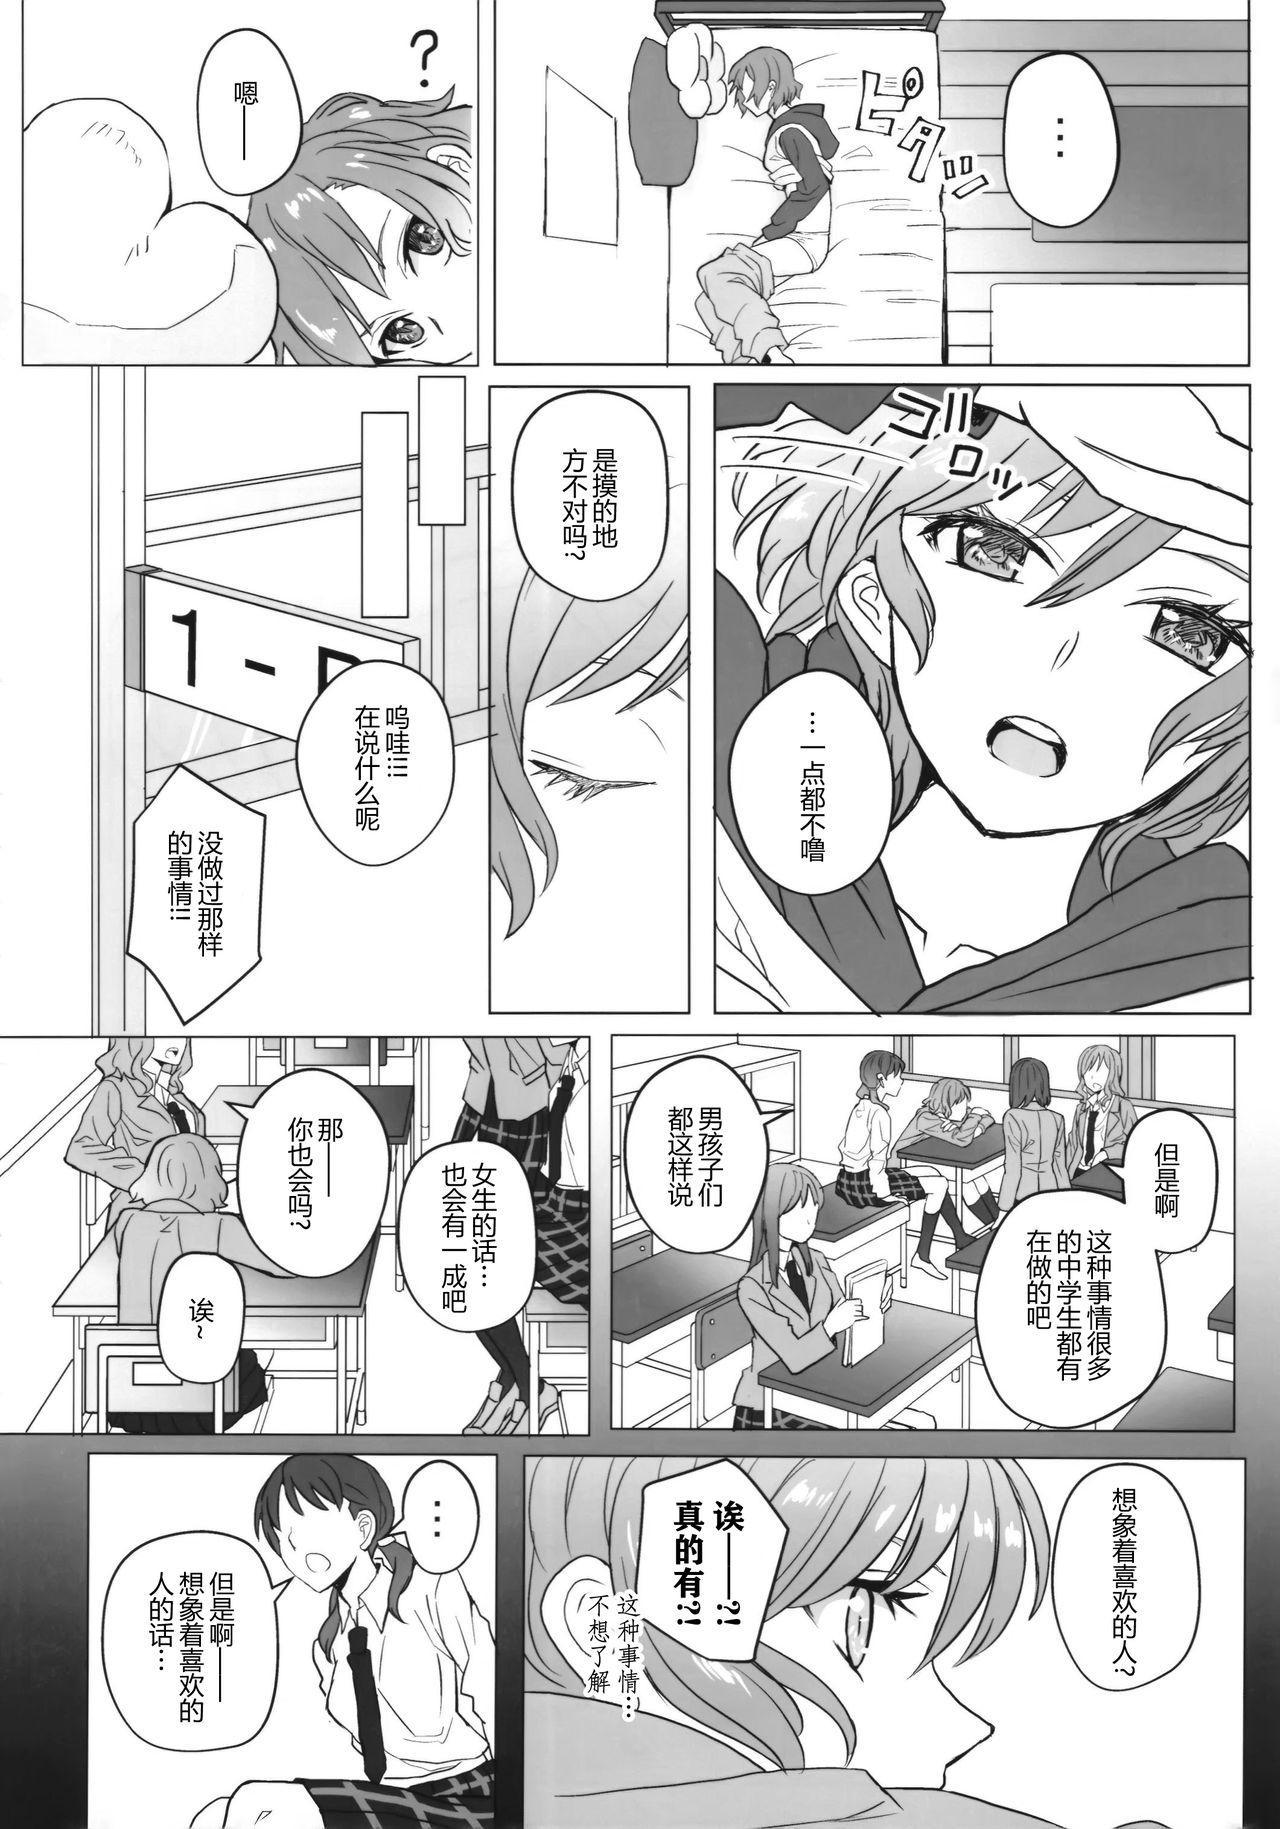 氷川姉妹18禁合同「今日は一緒に寝てもいい?」 75